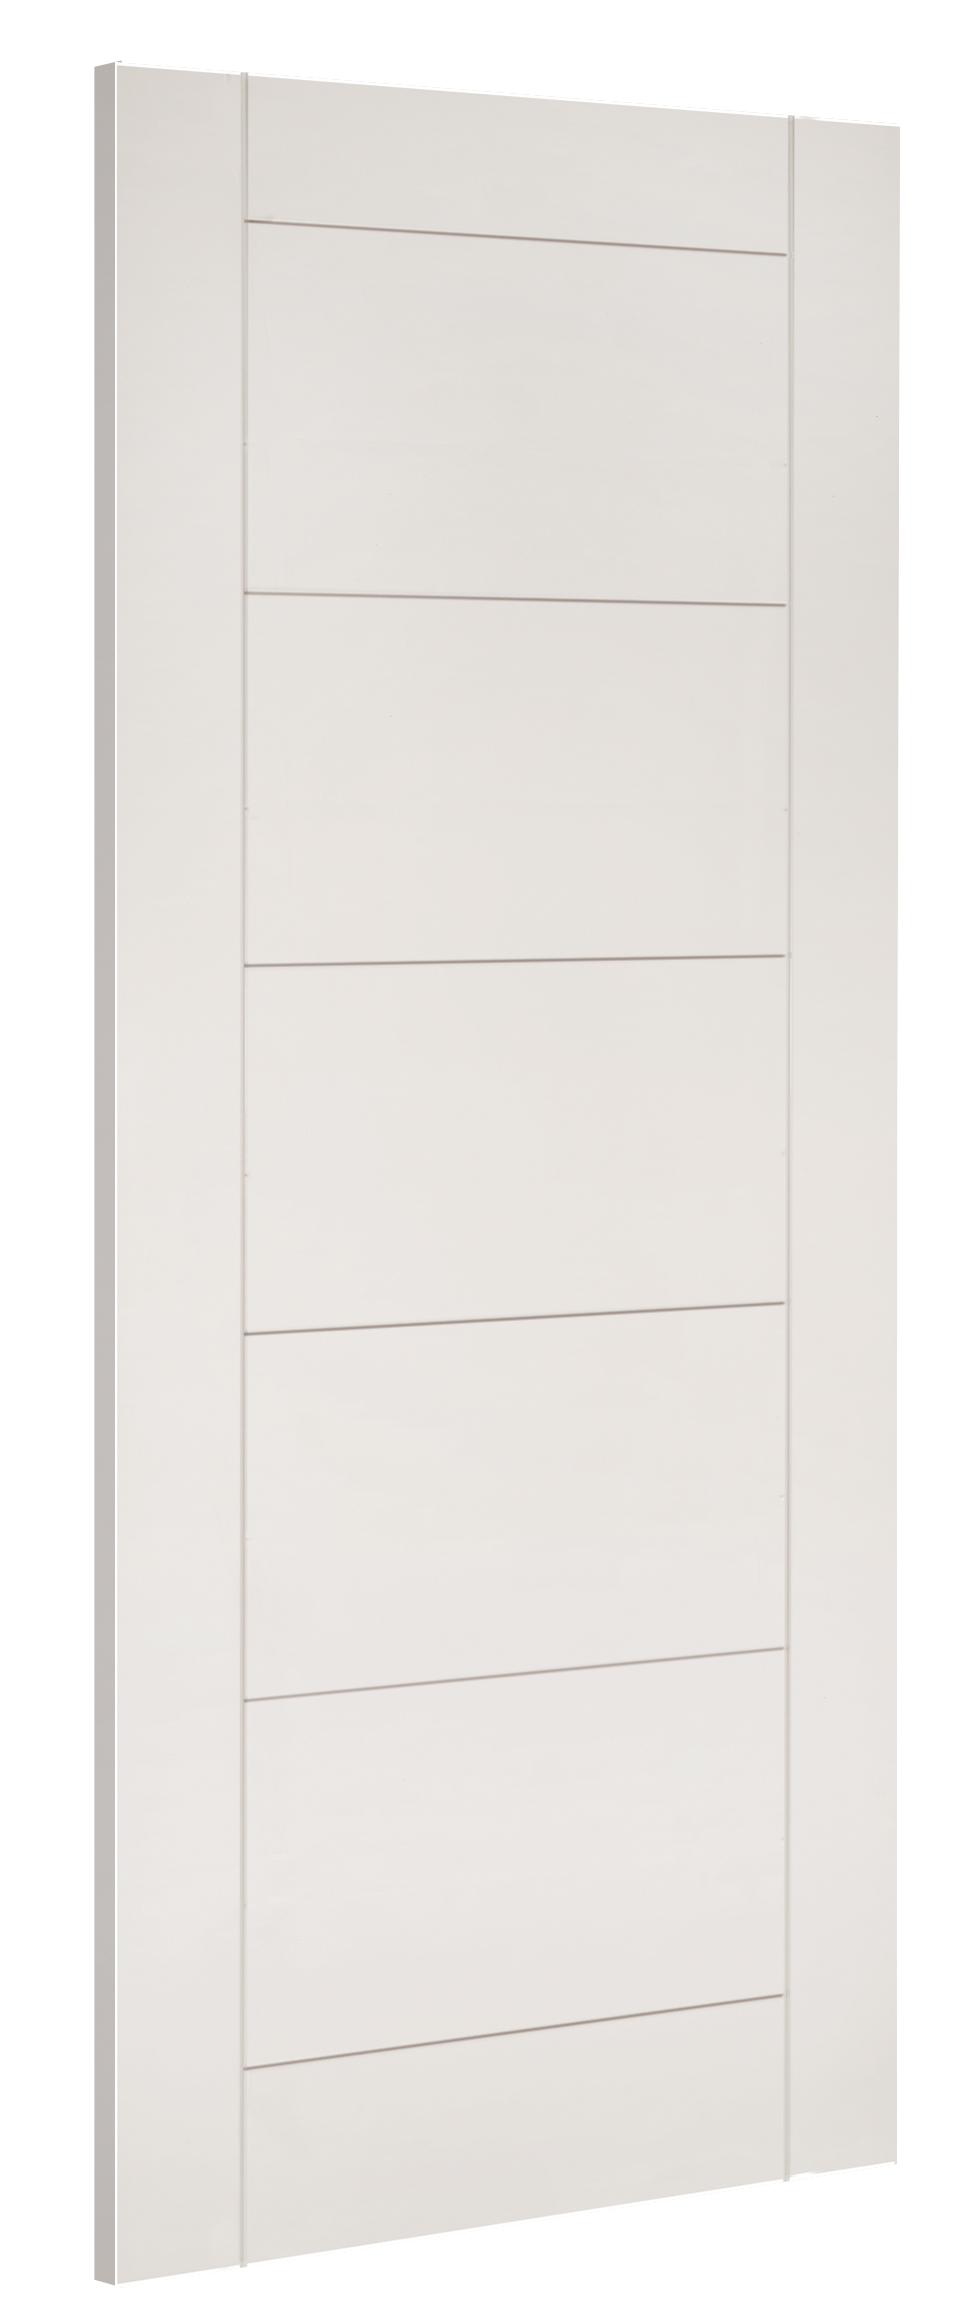 Primed Doors HP12-SC